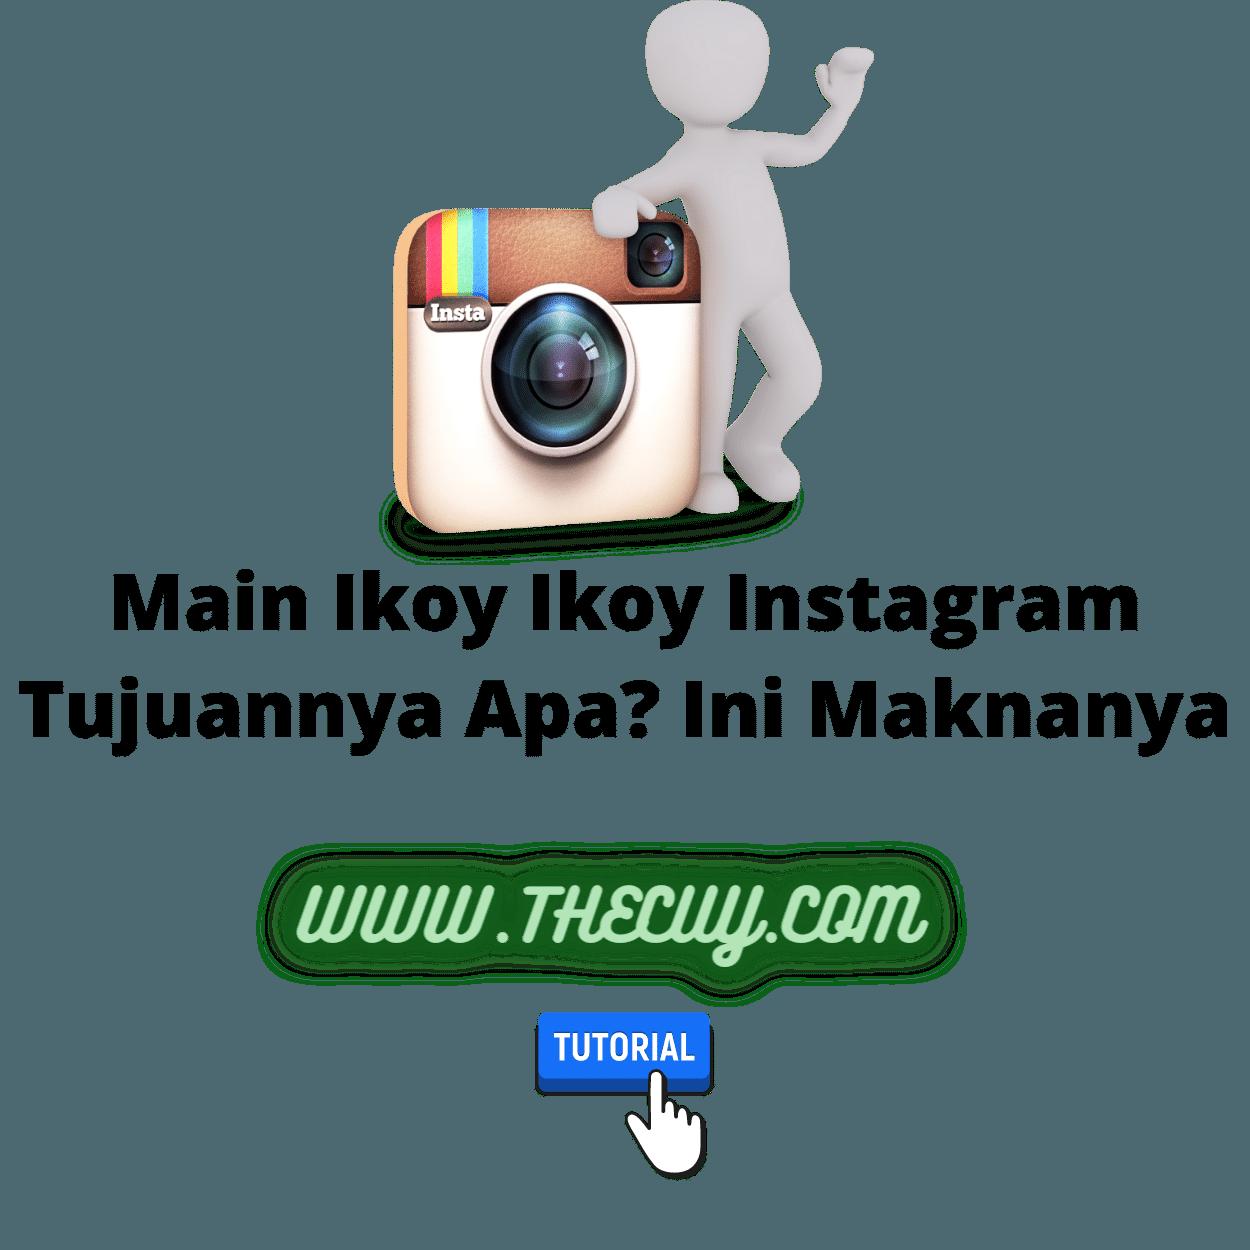 Main Ikoy Ikoy Instagram Tujuannya Apa? Ini Maknanya